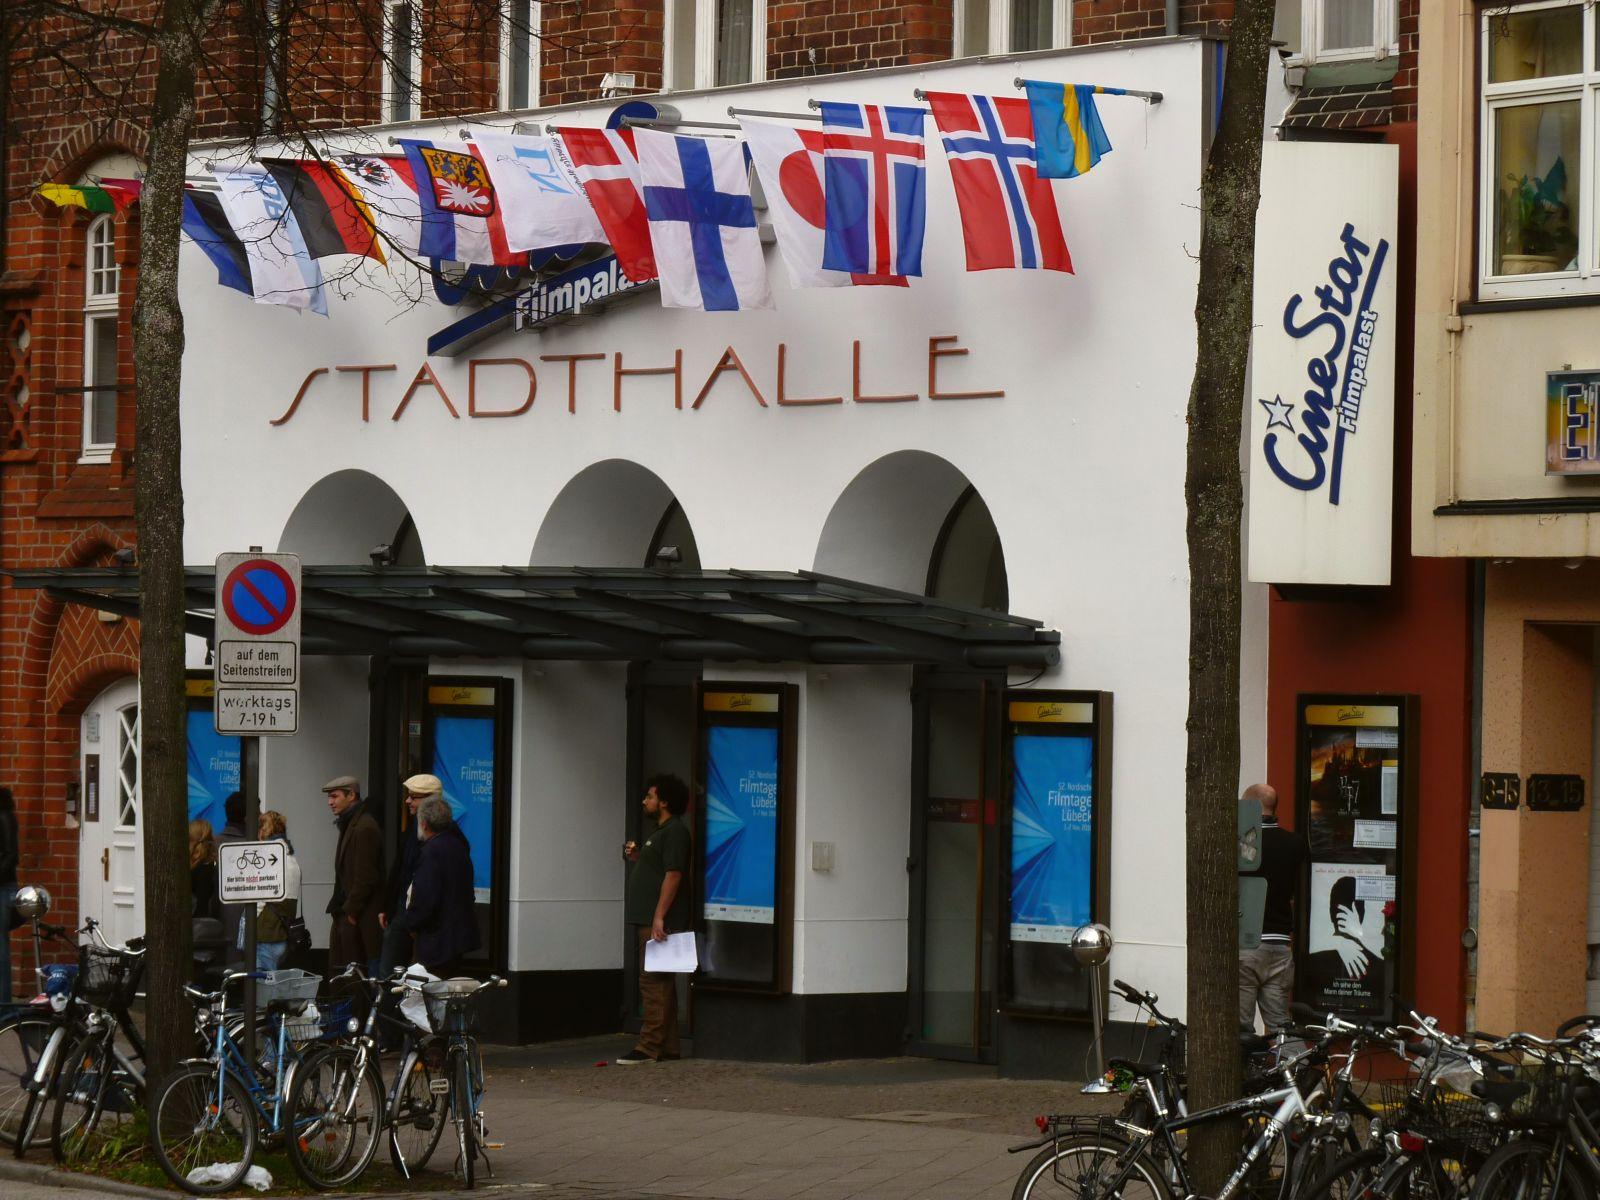 Stadthalle Kino Lübeck